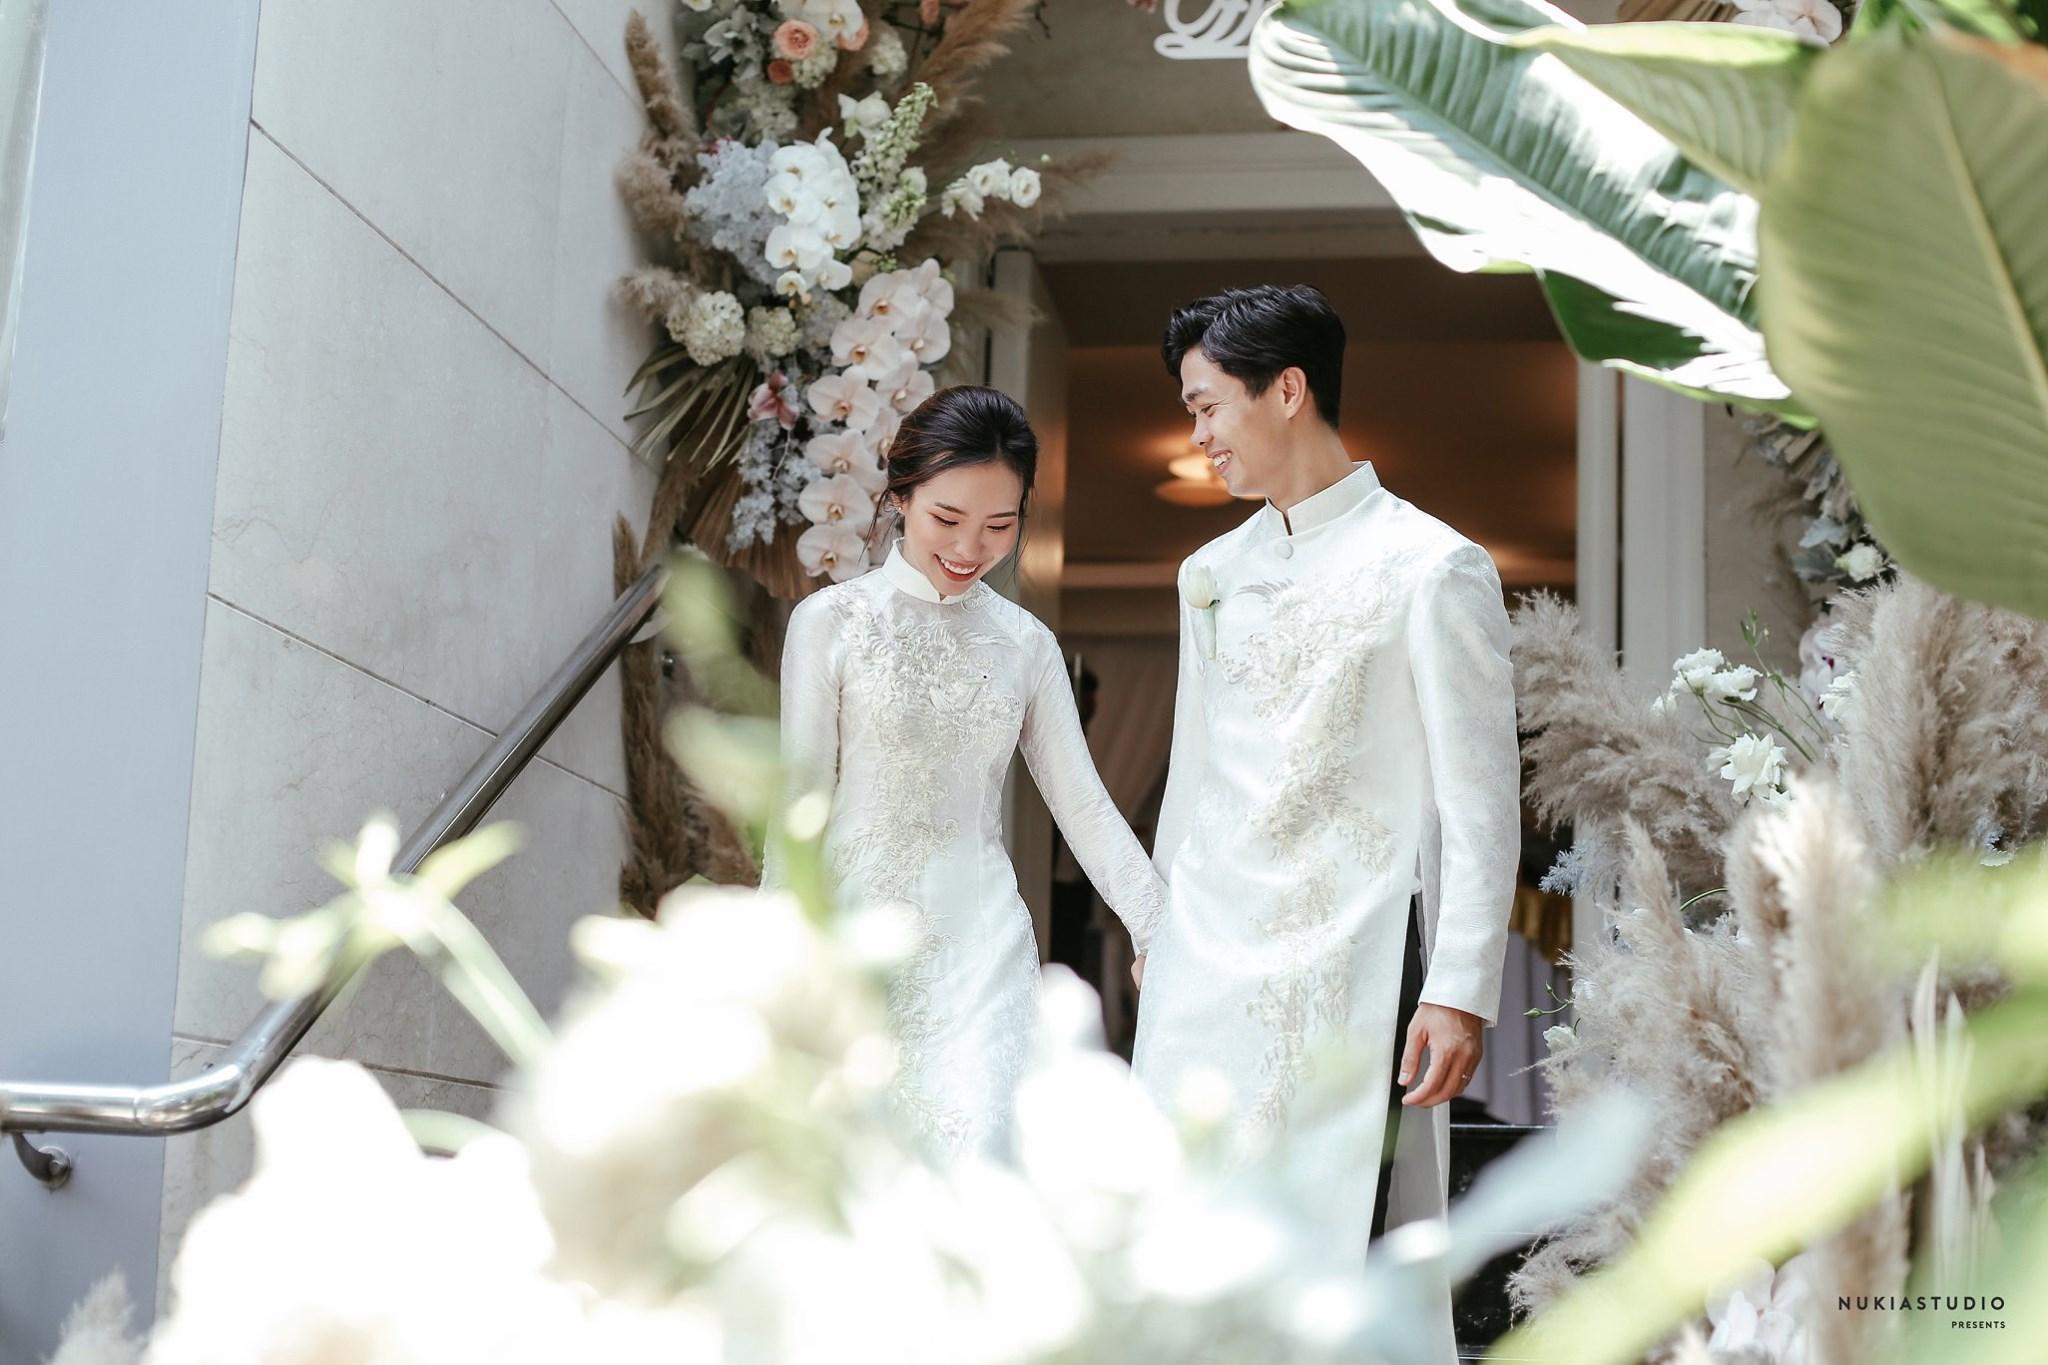 Công Phượng chính thức lên tiếng sau lễ ăn hỏi bí mật, tung ảnh cưới hạnh phúc bên cô dâu xinh đẹp 3